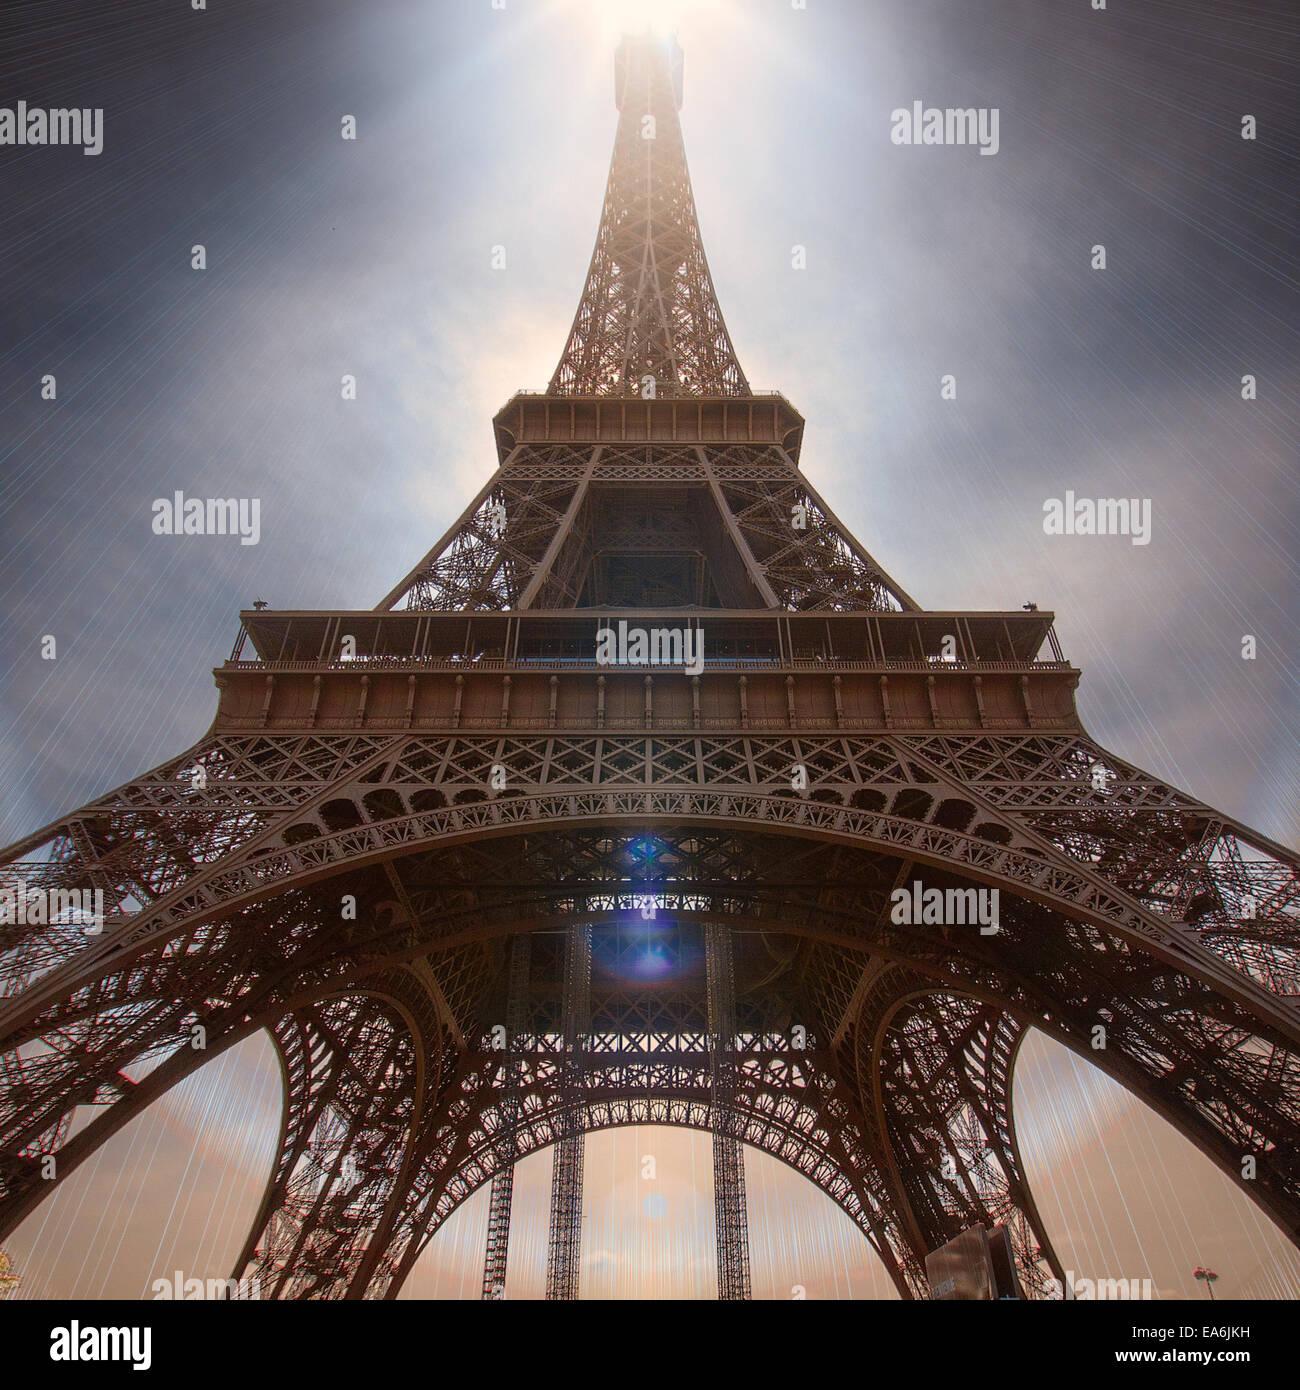 Francia, Paris, vista de ángulo bajo la Torre Eiffel Imagen De Stock